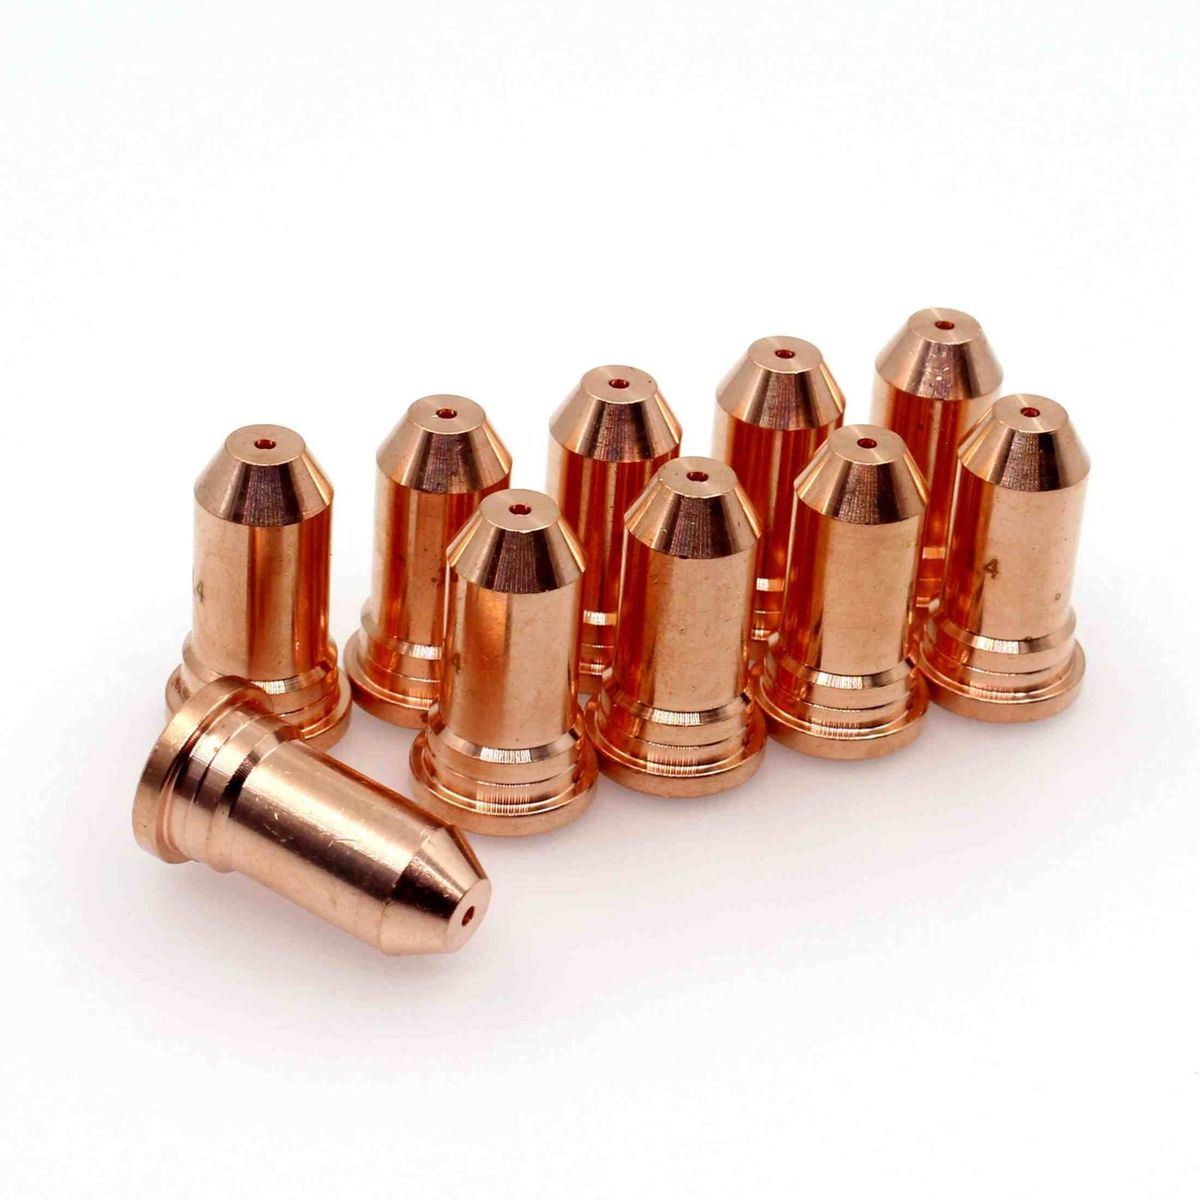 51248 Plasma Cutting Torch Nozzle TIps 1.6mm For PT100 IPT-100 IPT100 PKG-10